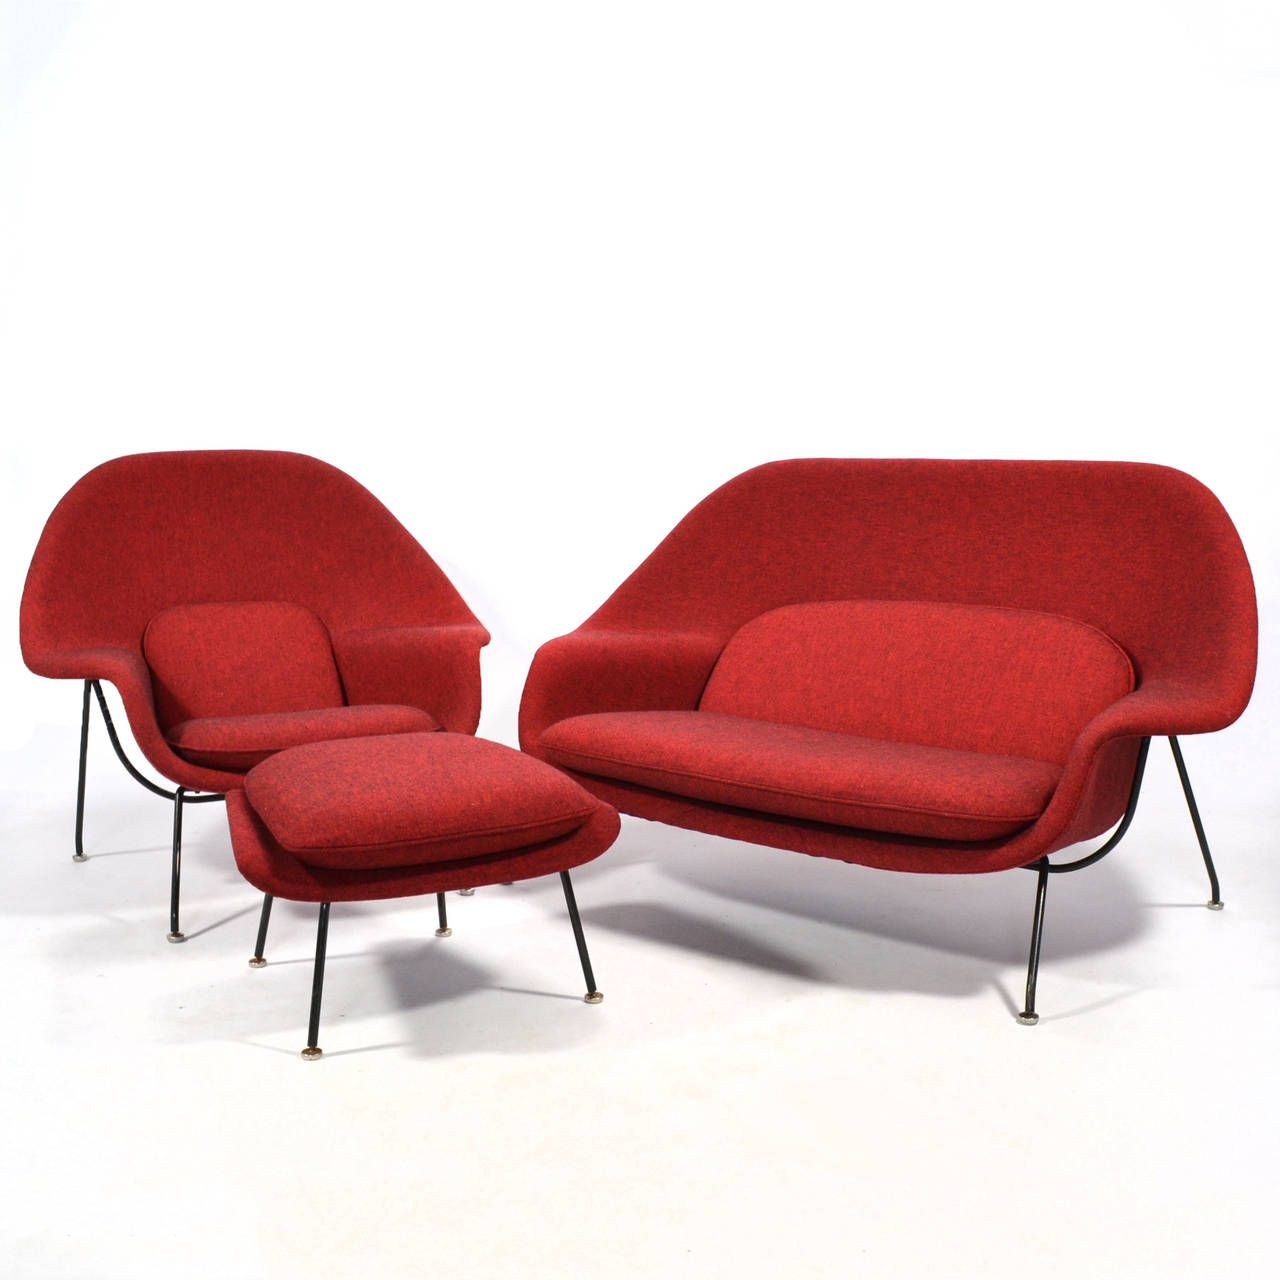 Eero Saarinen Womb Settee Upholstered In Alexander Girard Fabric 10